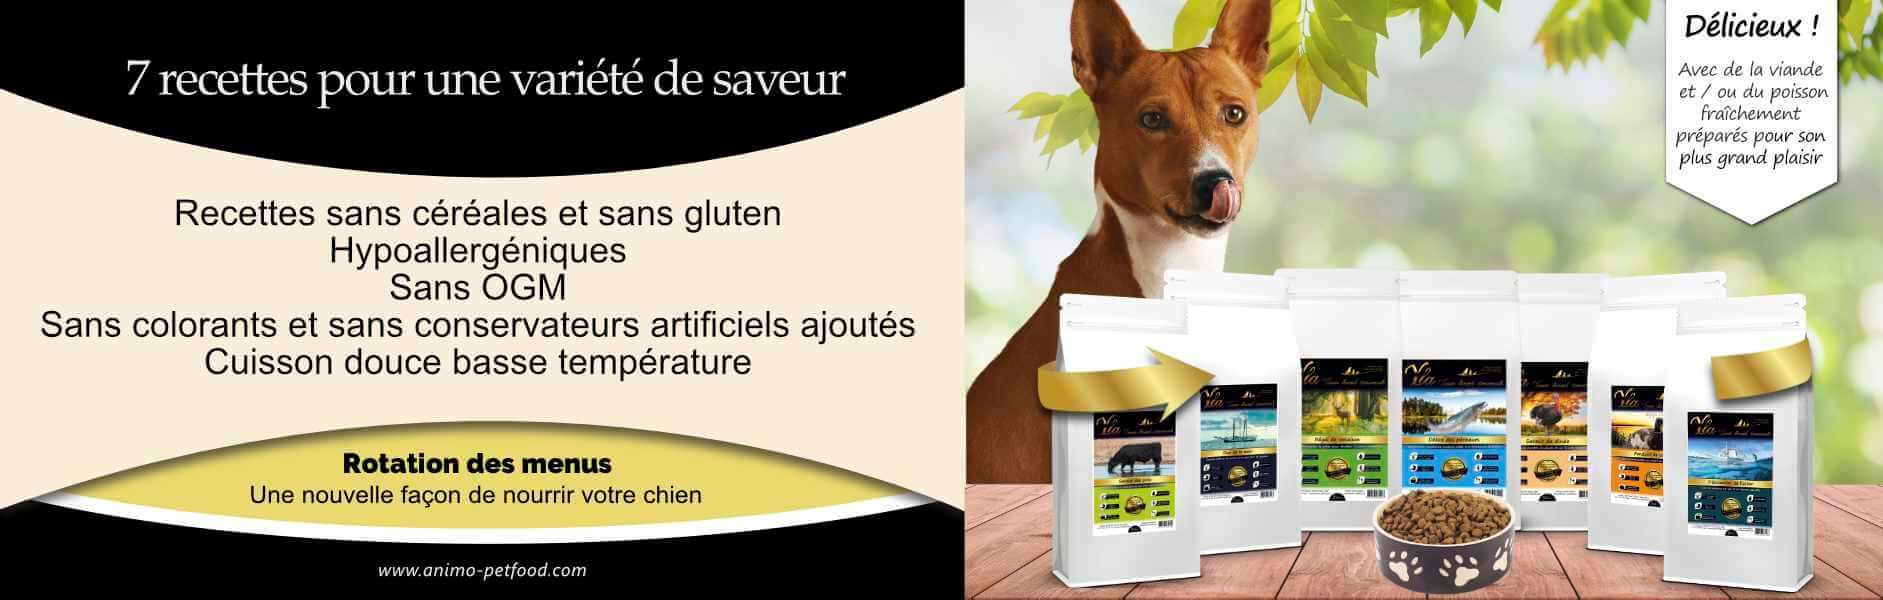 alimentation-sans-cereale-sans-gluten-pour-chien-sensible-avec-intolerances-alimentaires